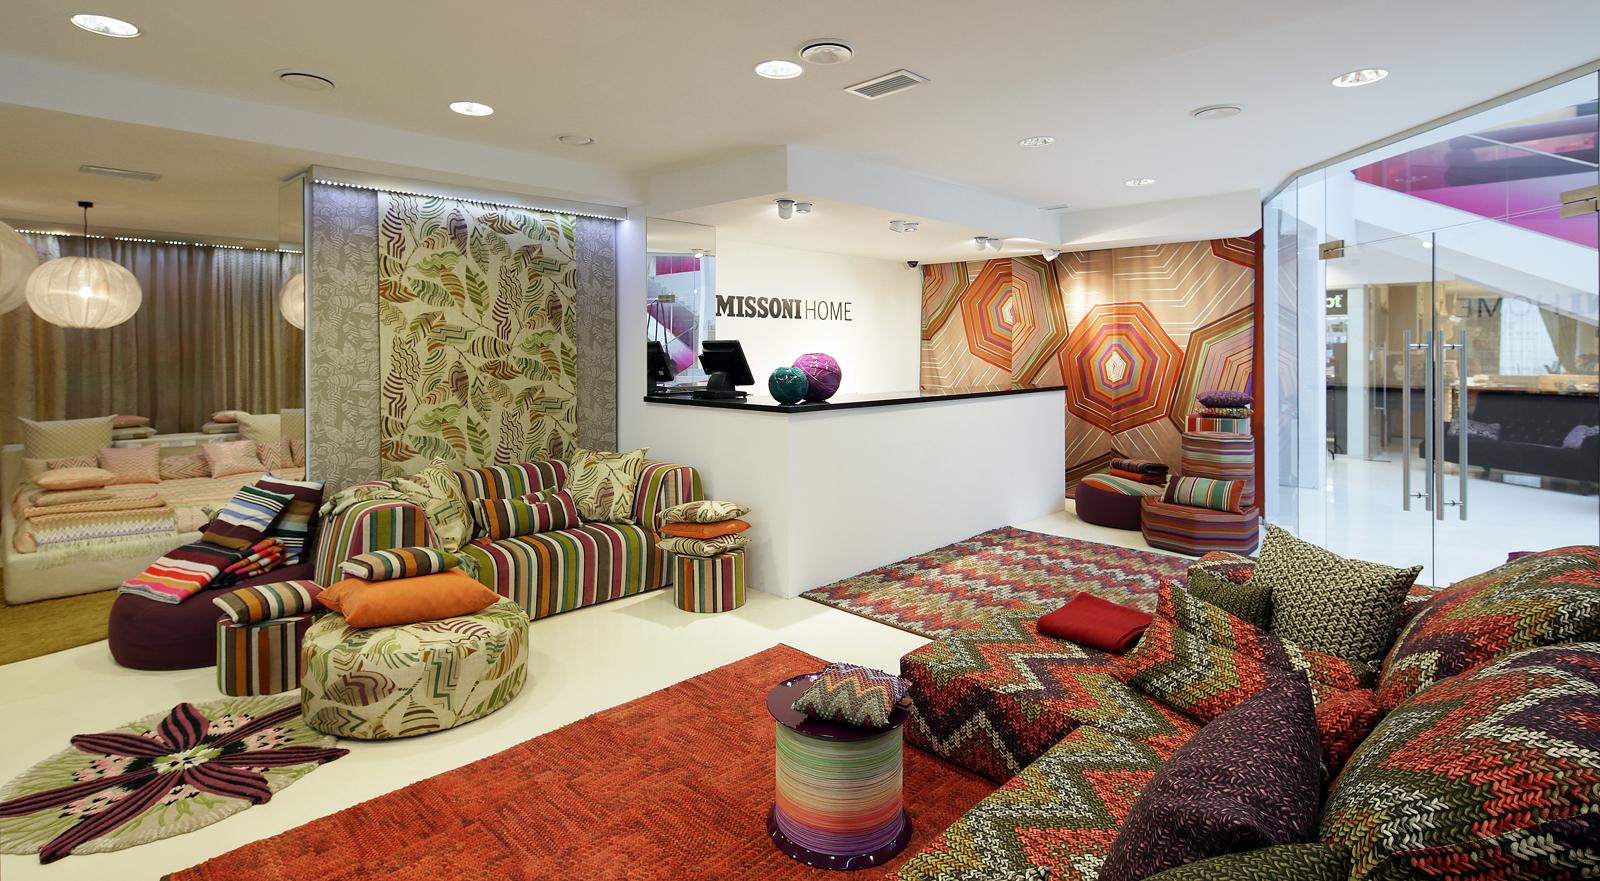 В восточный дизайн гостиной великолепно впишутся декоративные диванные подушки с вышивкой, характерным орнаментом.